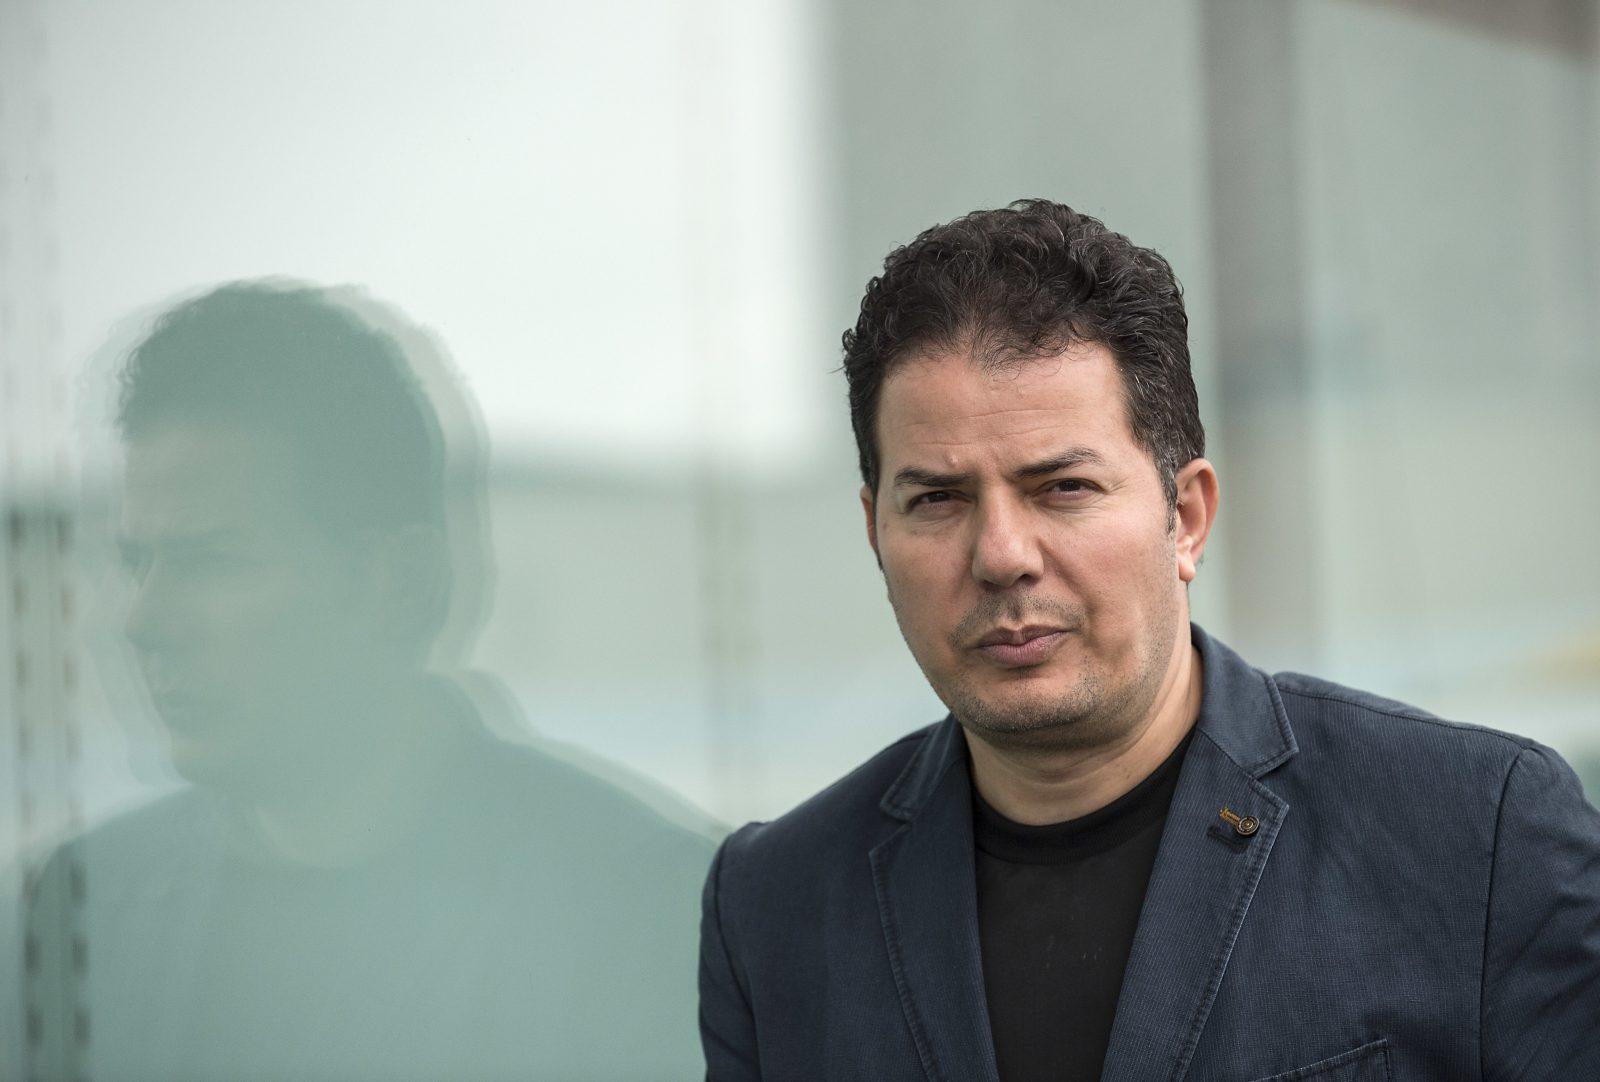 Der Islamkritiker Hamed Abdel-Samad zieht sich von der Islamkonferenz zurück (Archivbild) Foto: picture alliance / Sven Simon